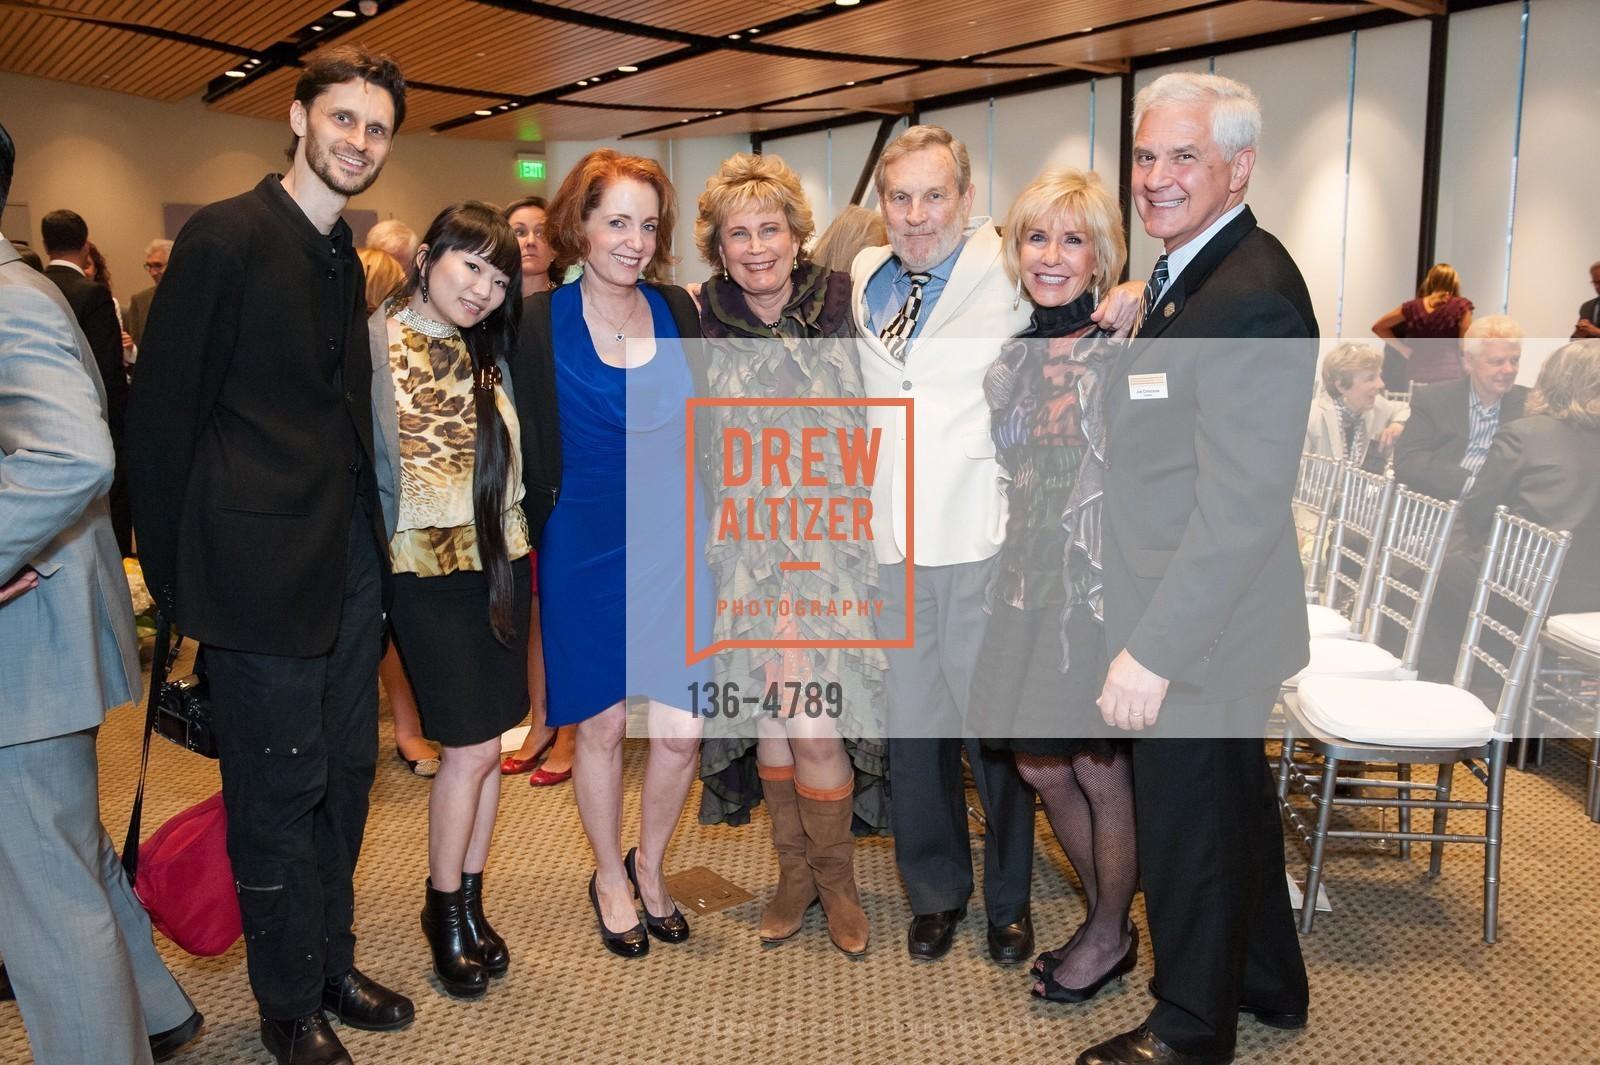 Leon Saperstein, Sunnie Saperstein, Pattie Krebs, Guy Saperstein, Jeanine Saperstein, Joe Cirincione, Photo #136-4789